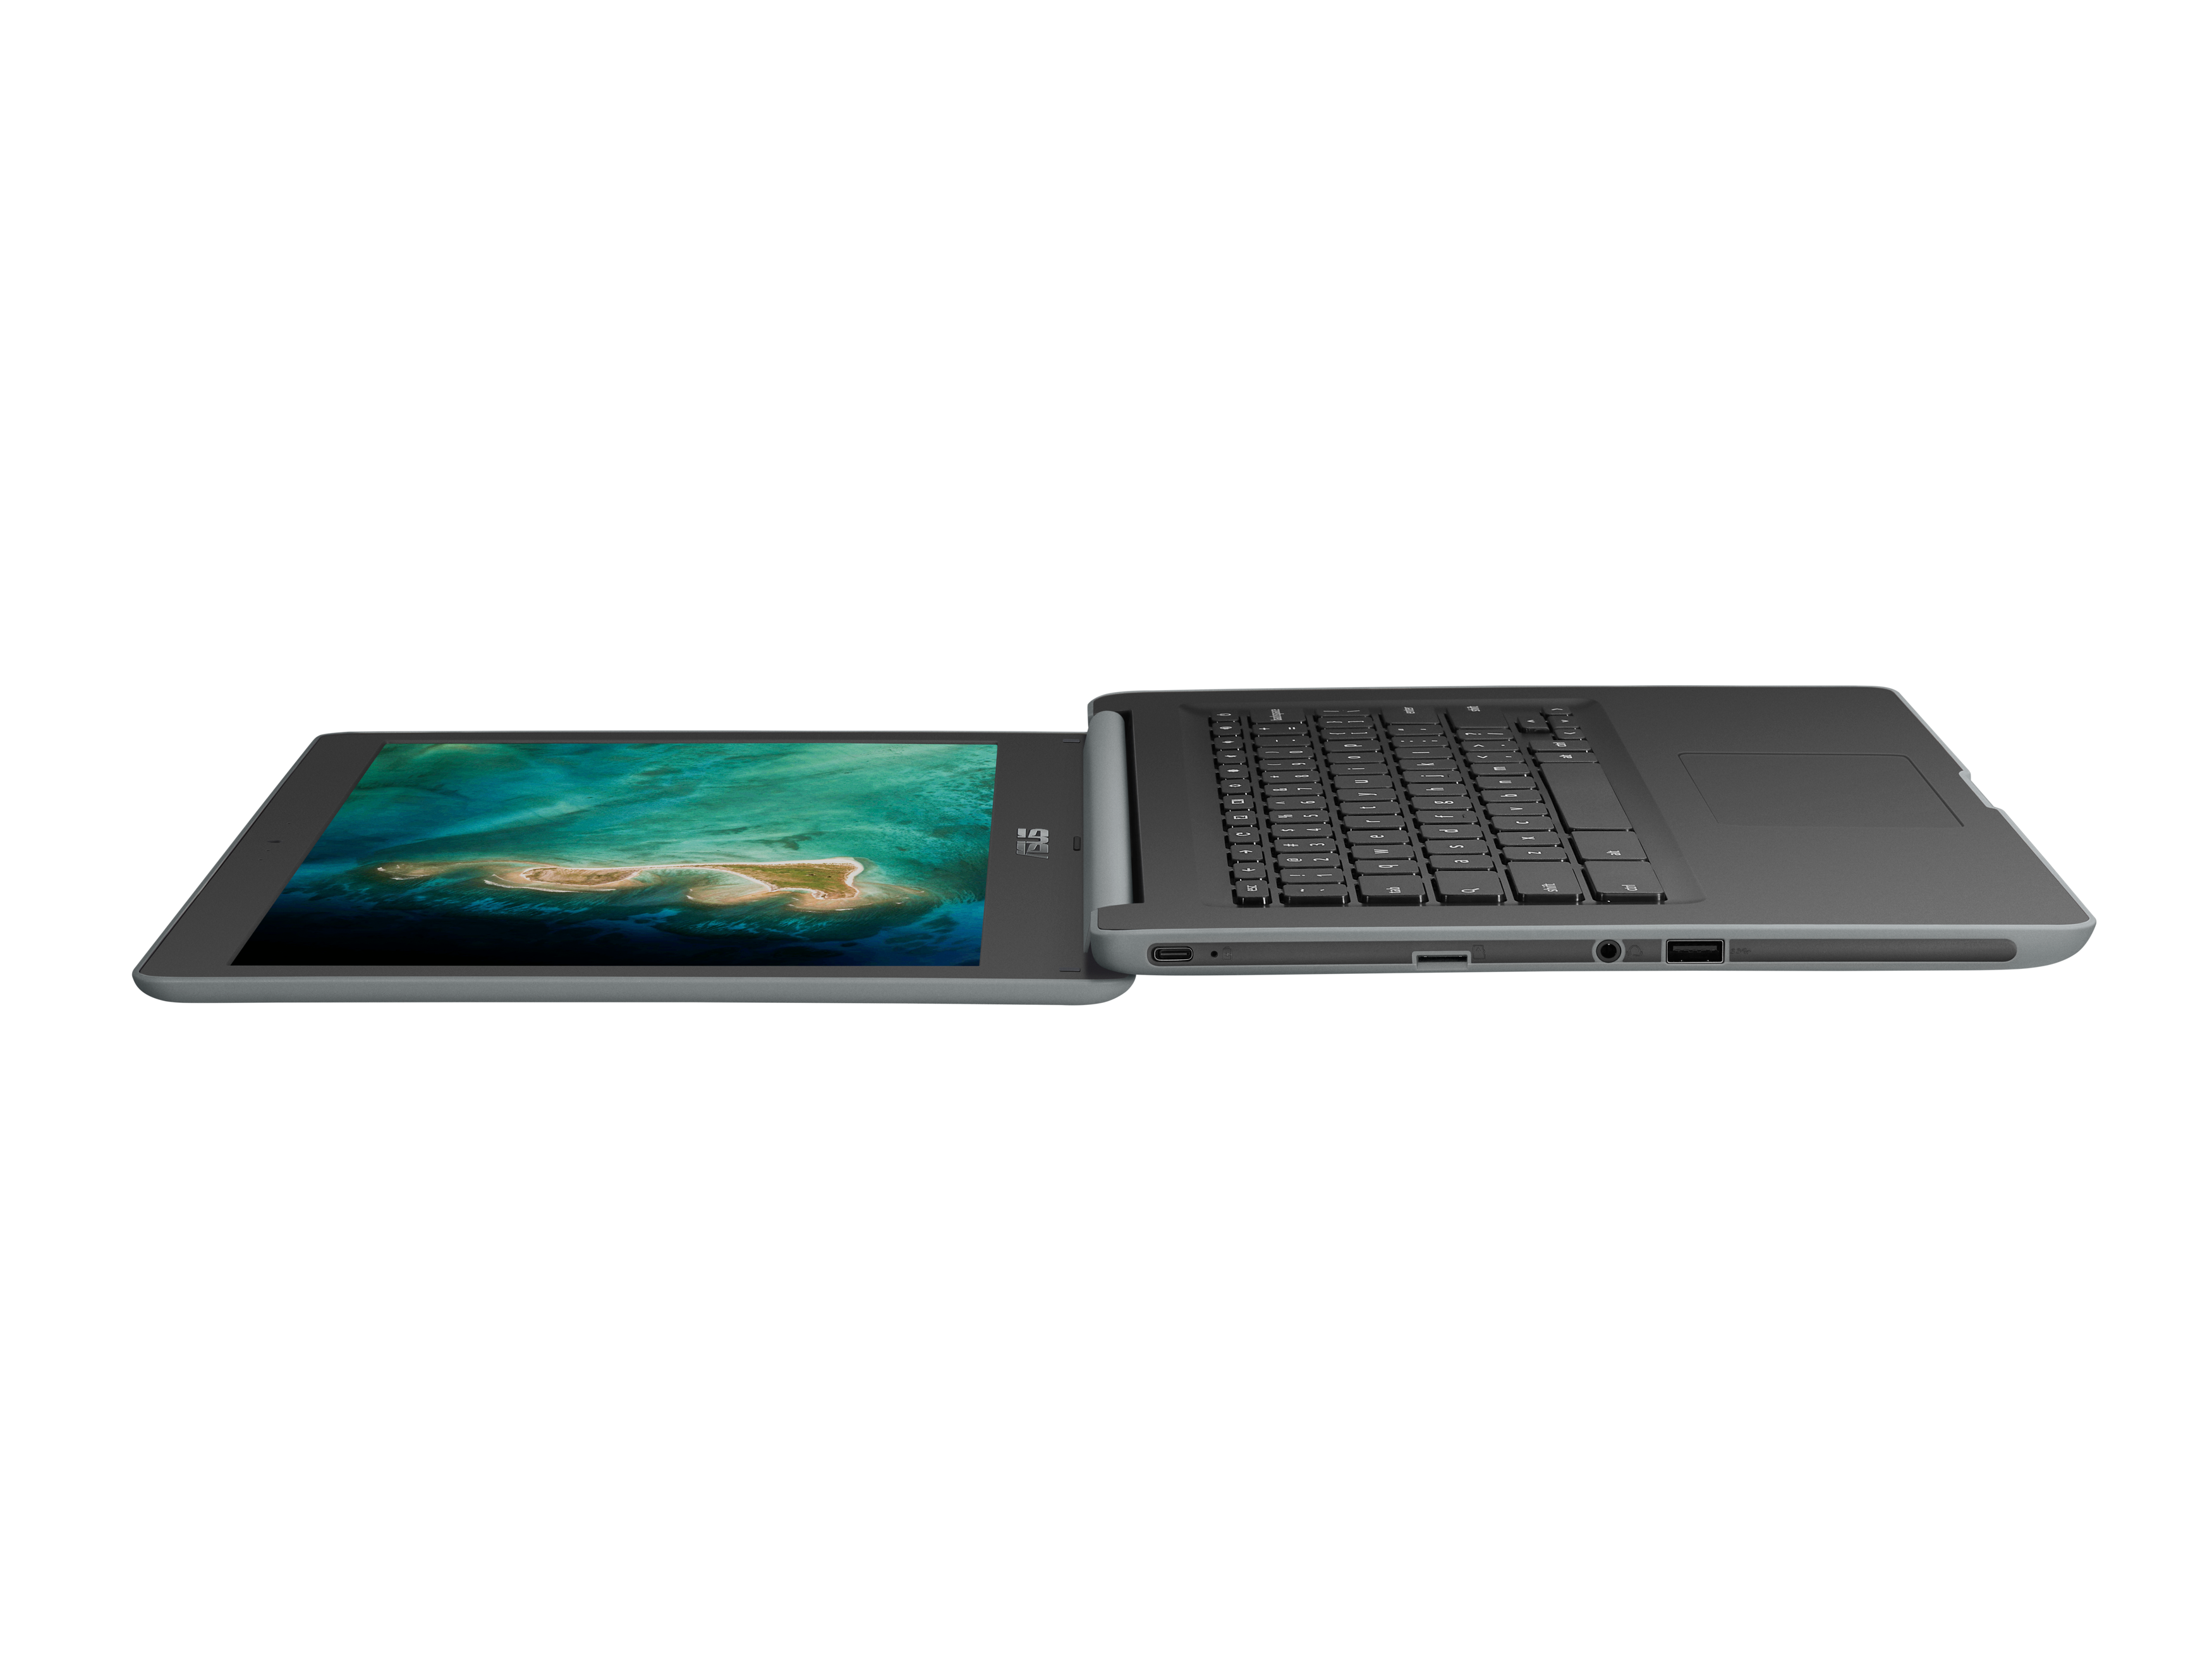 ASUS Chromebook C403_180 degree hinge